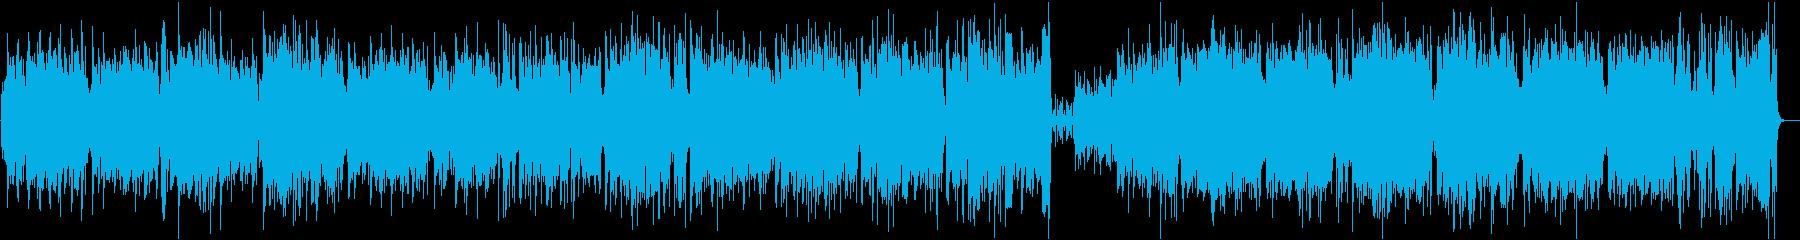 アコーディオン主体のおしゃれなワルツの再生済みの波形